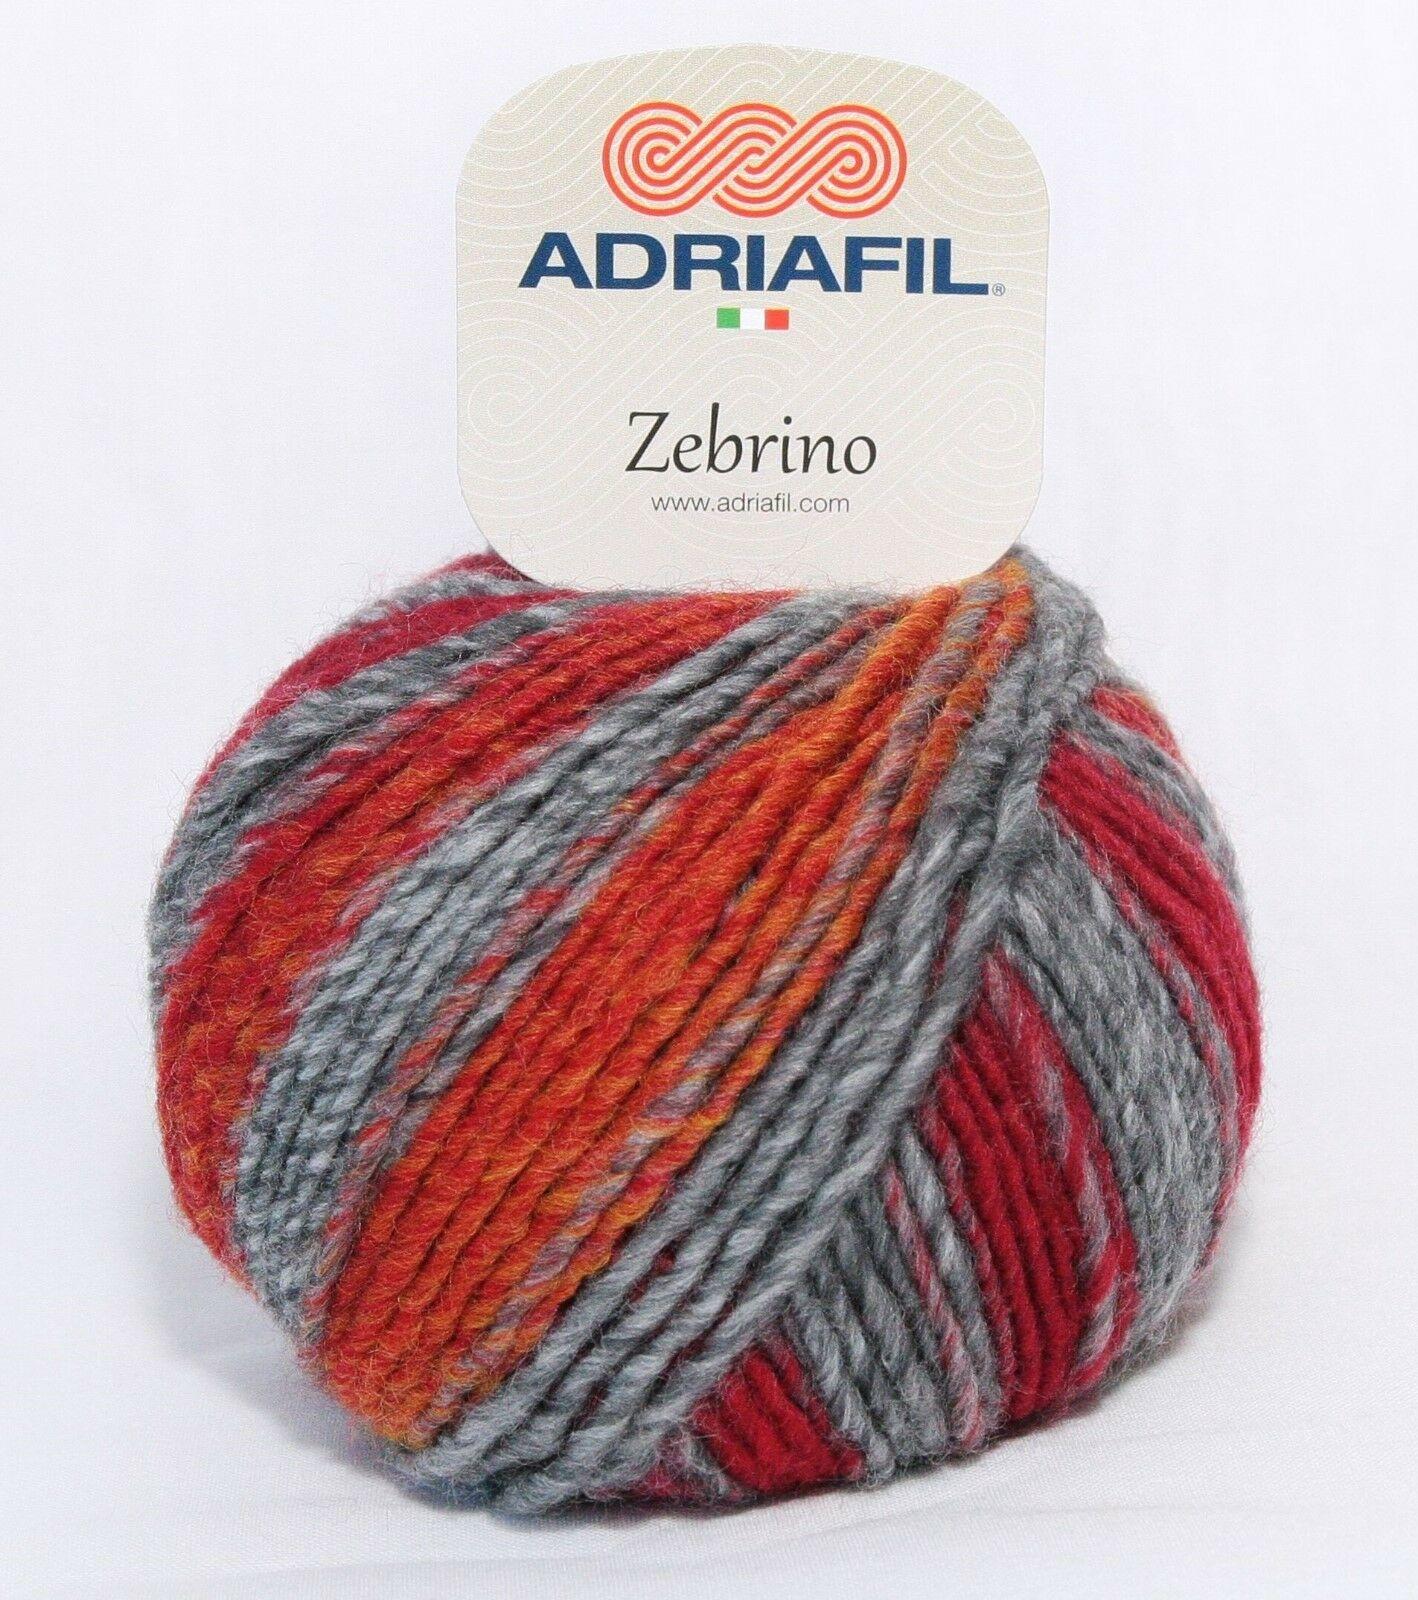 Adriafil Adriafil - Zebrino - 68 - Rood